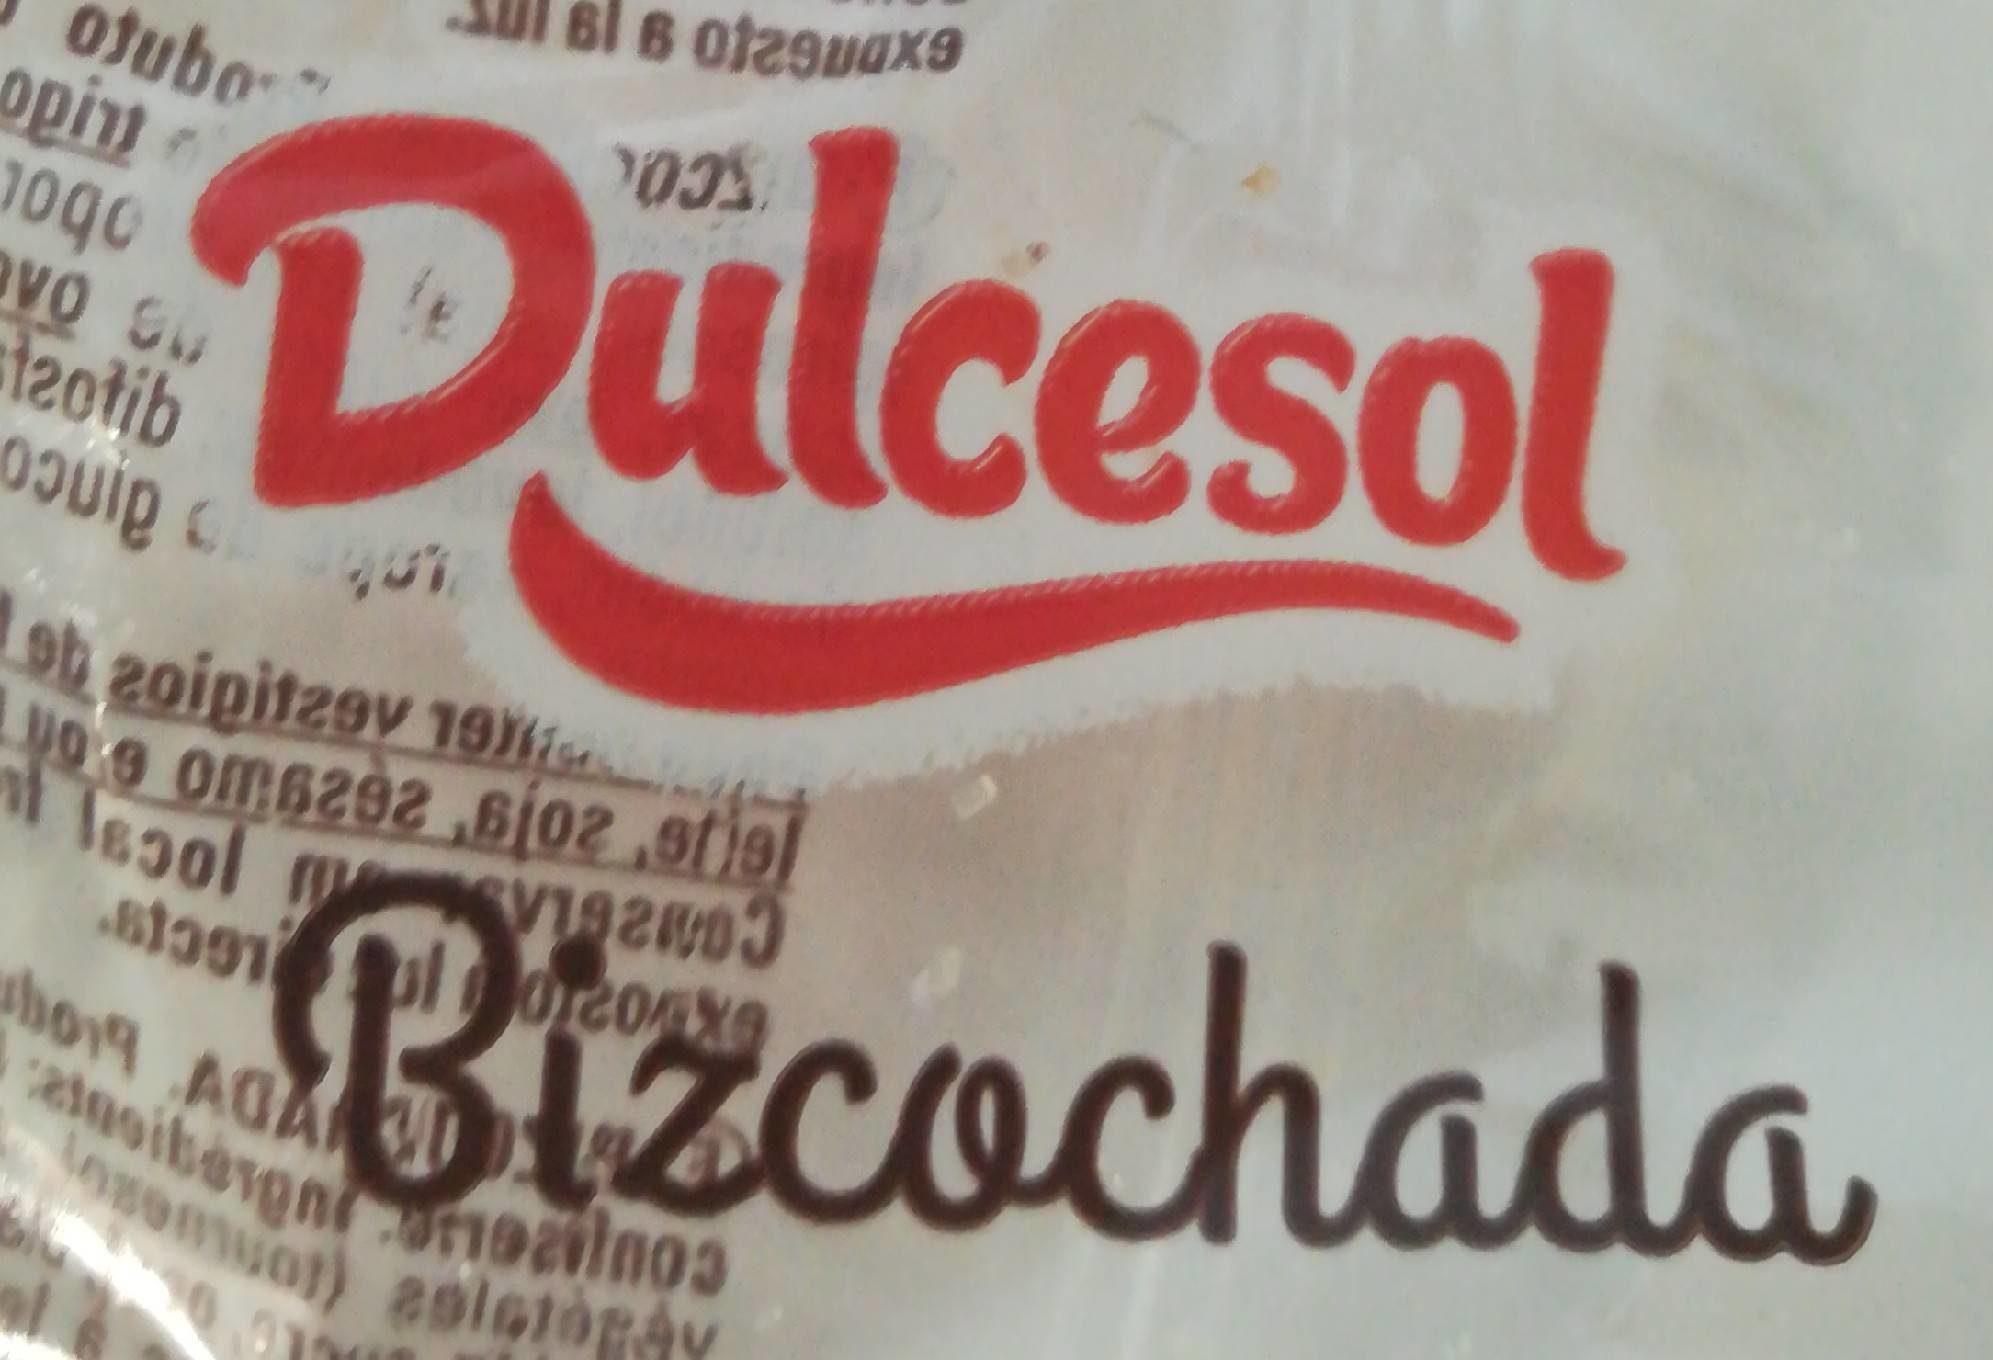 Bizcochada - Producto